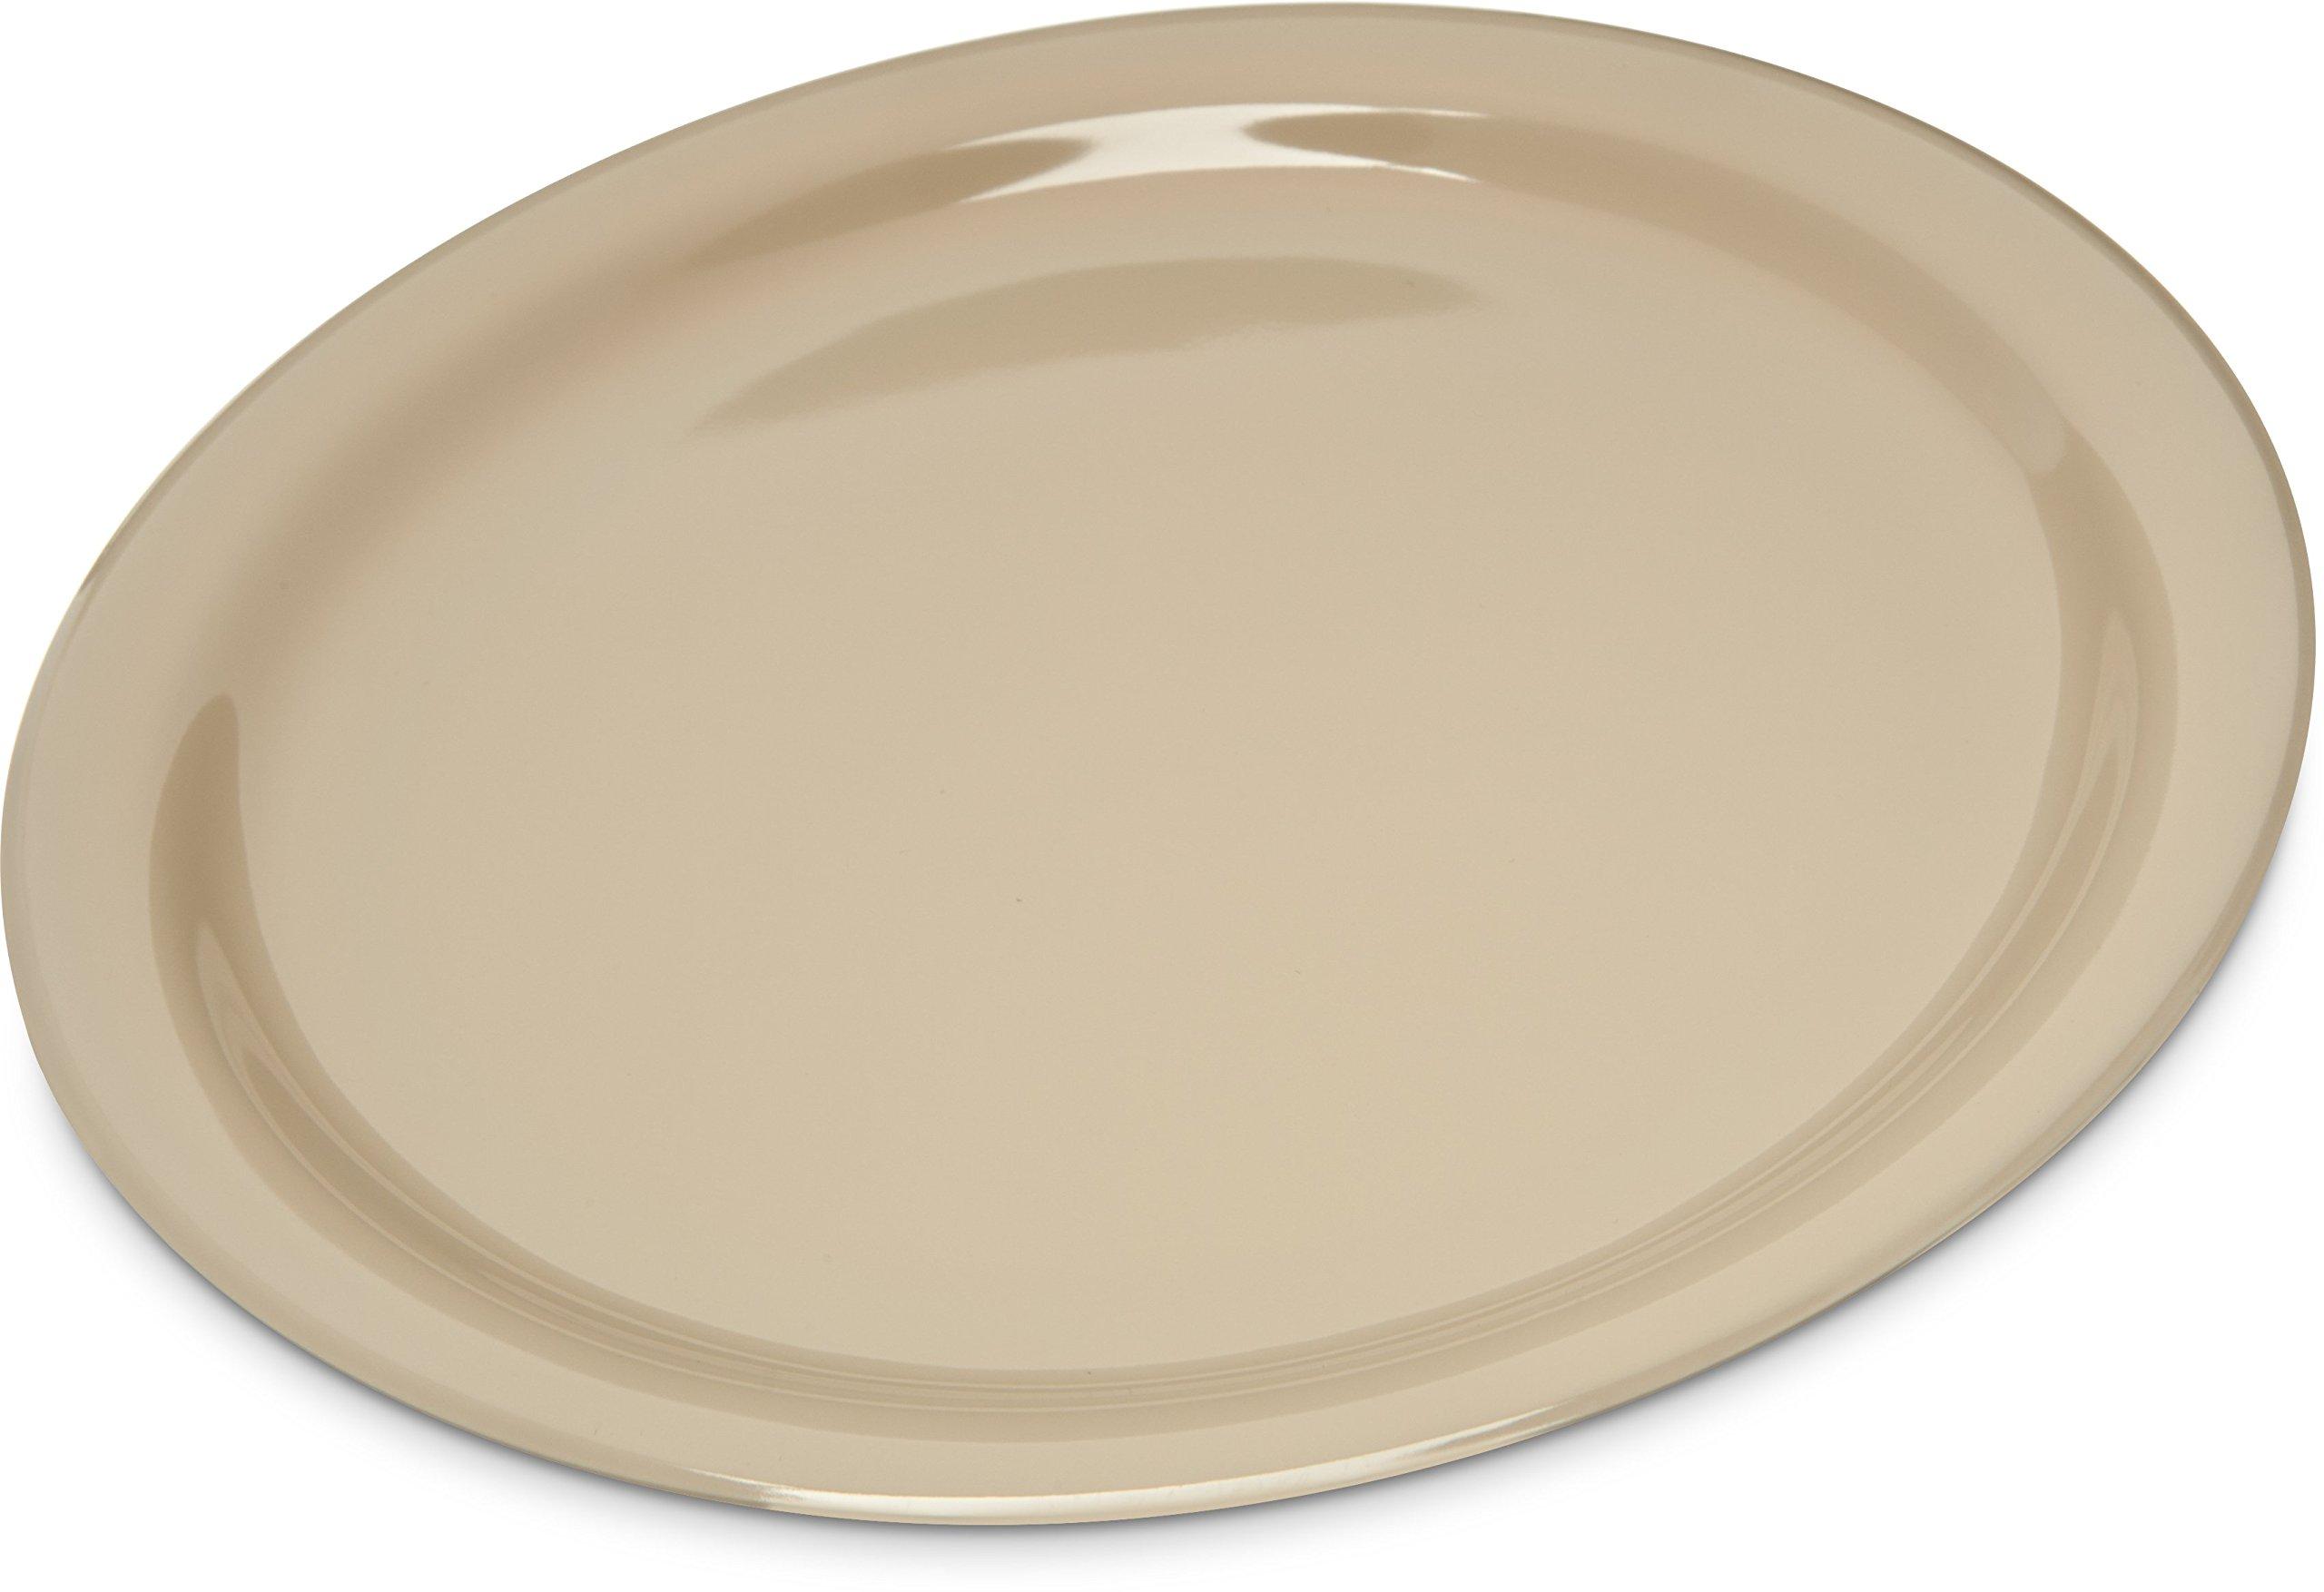 Carlisle KL20025 Kingline Melamine Dinner Plate, 8.92'' Diameter x 0.77'' Height, Tan (Case of 48)